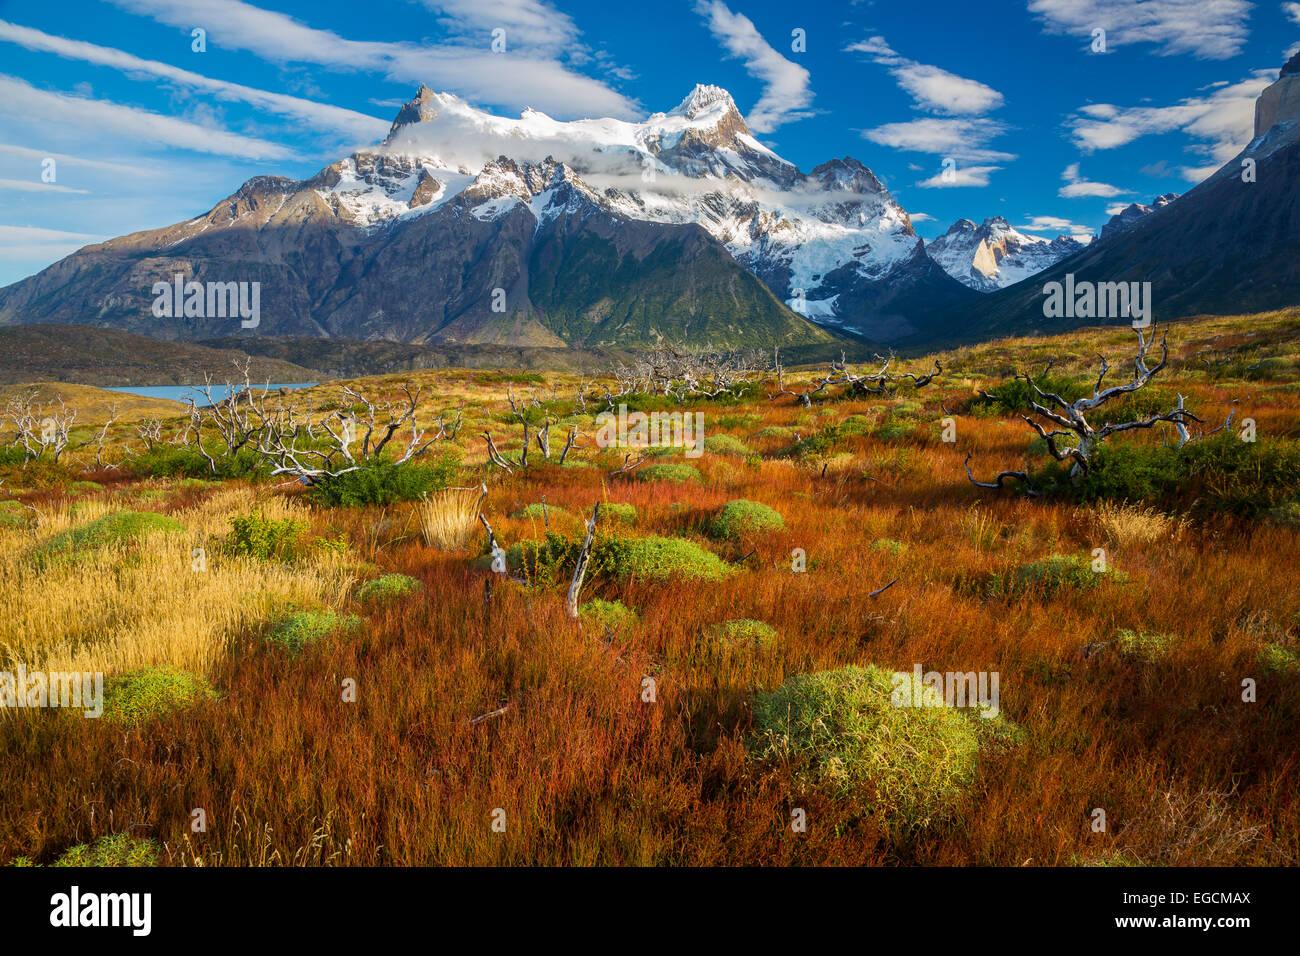 Los Cuernos s'élevant au-dessus de Lago Nordenskjold, Torres del Paine, Patagonie Chilienne Photo Stock